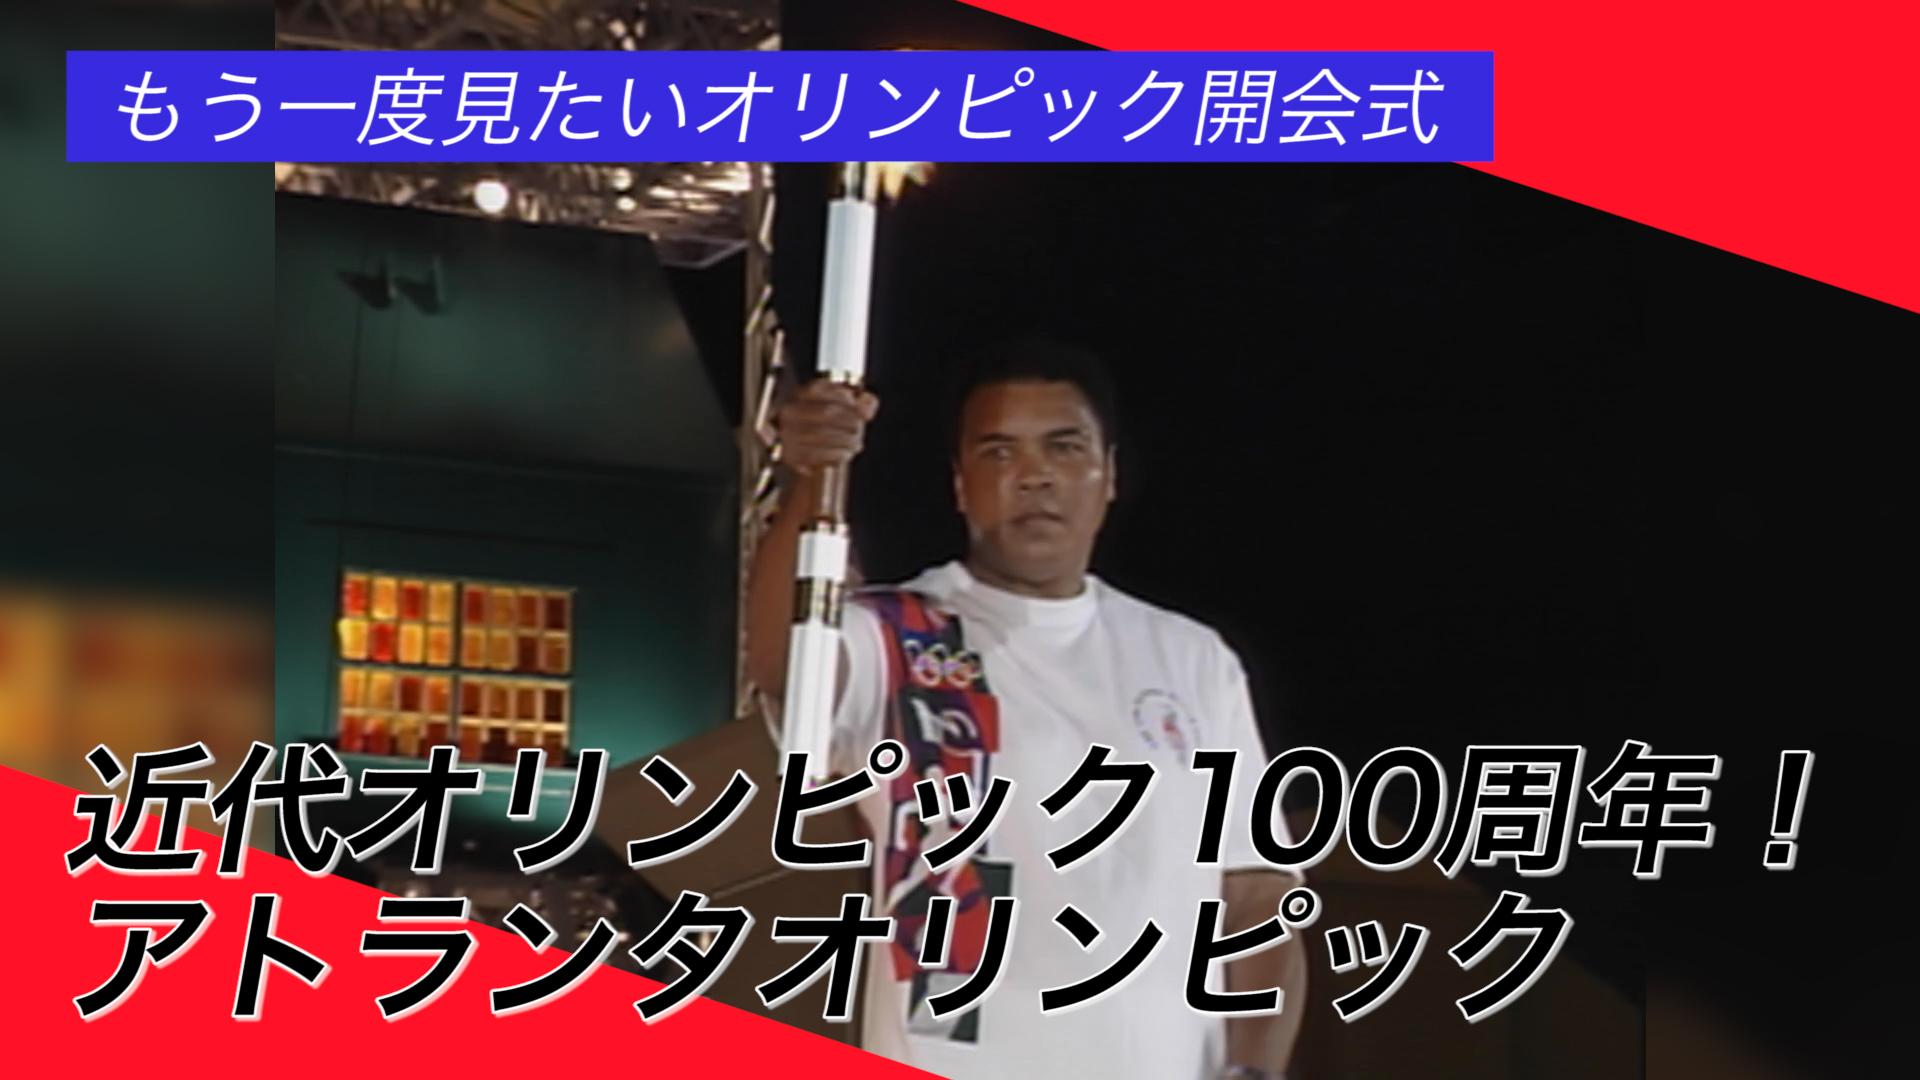 もう一度見たい開会式 近代オリンピック100周年! アトランタオリンピック